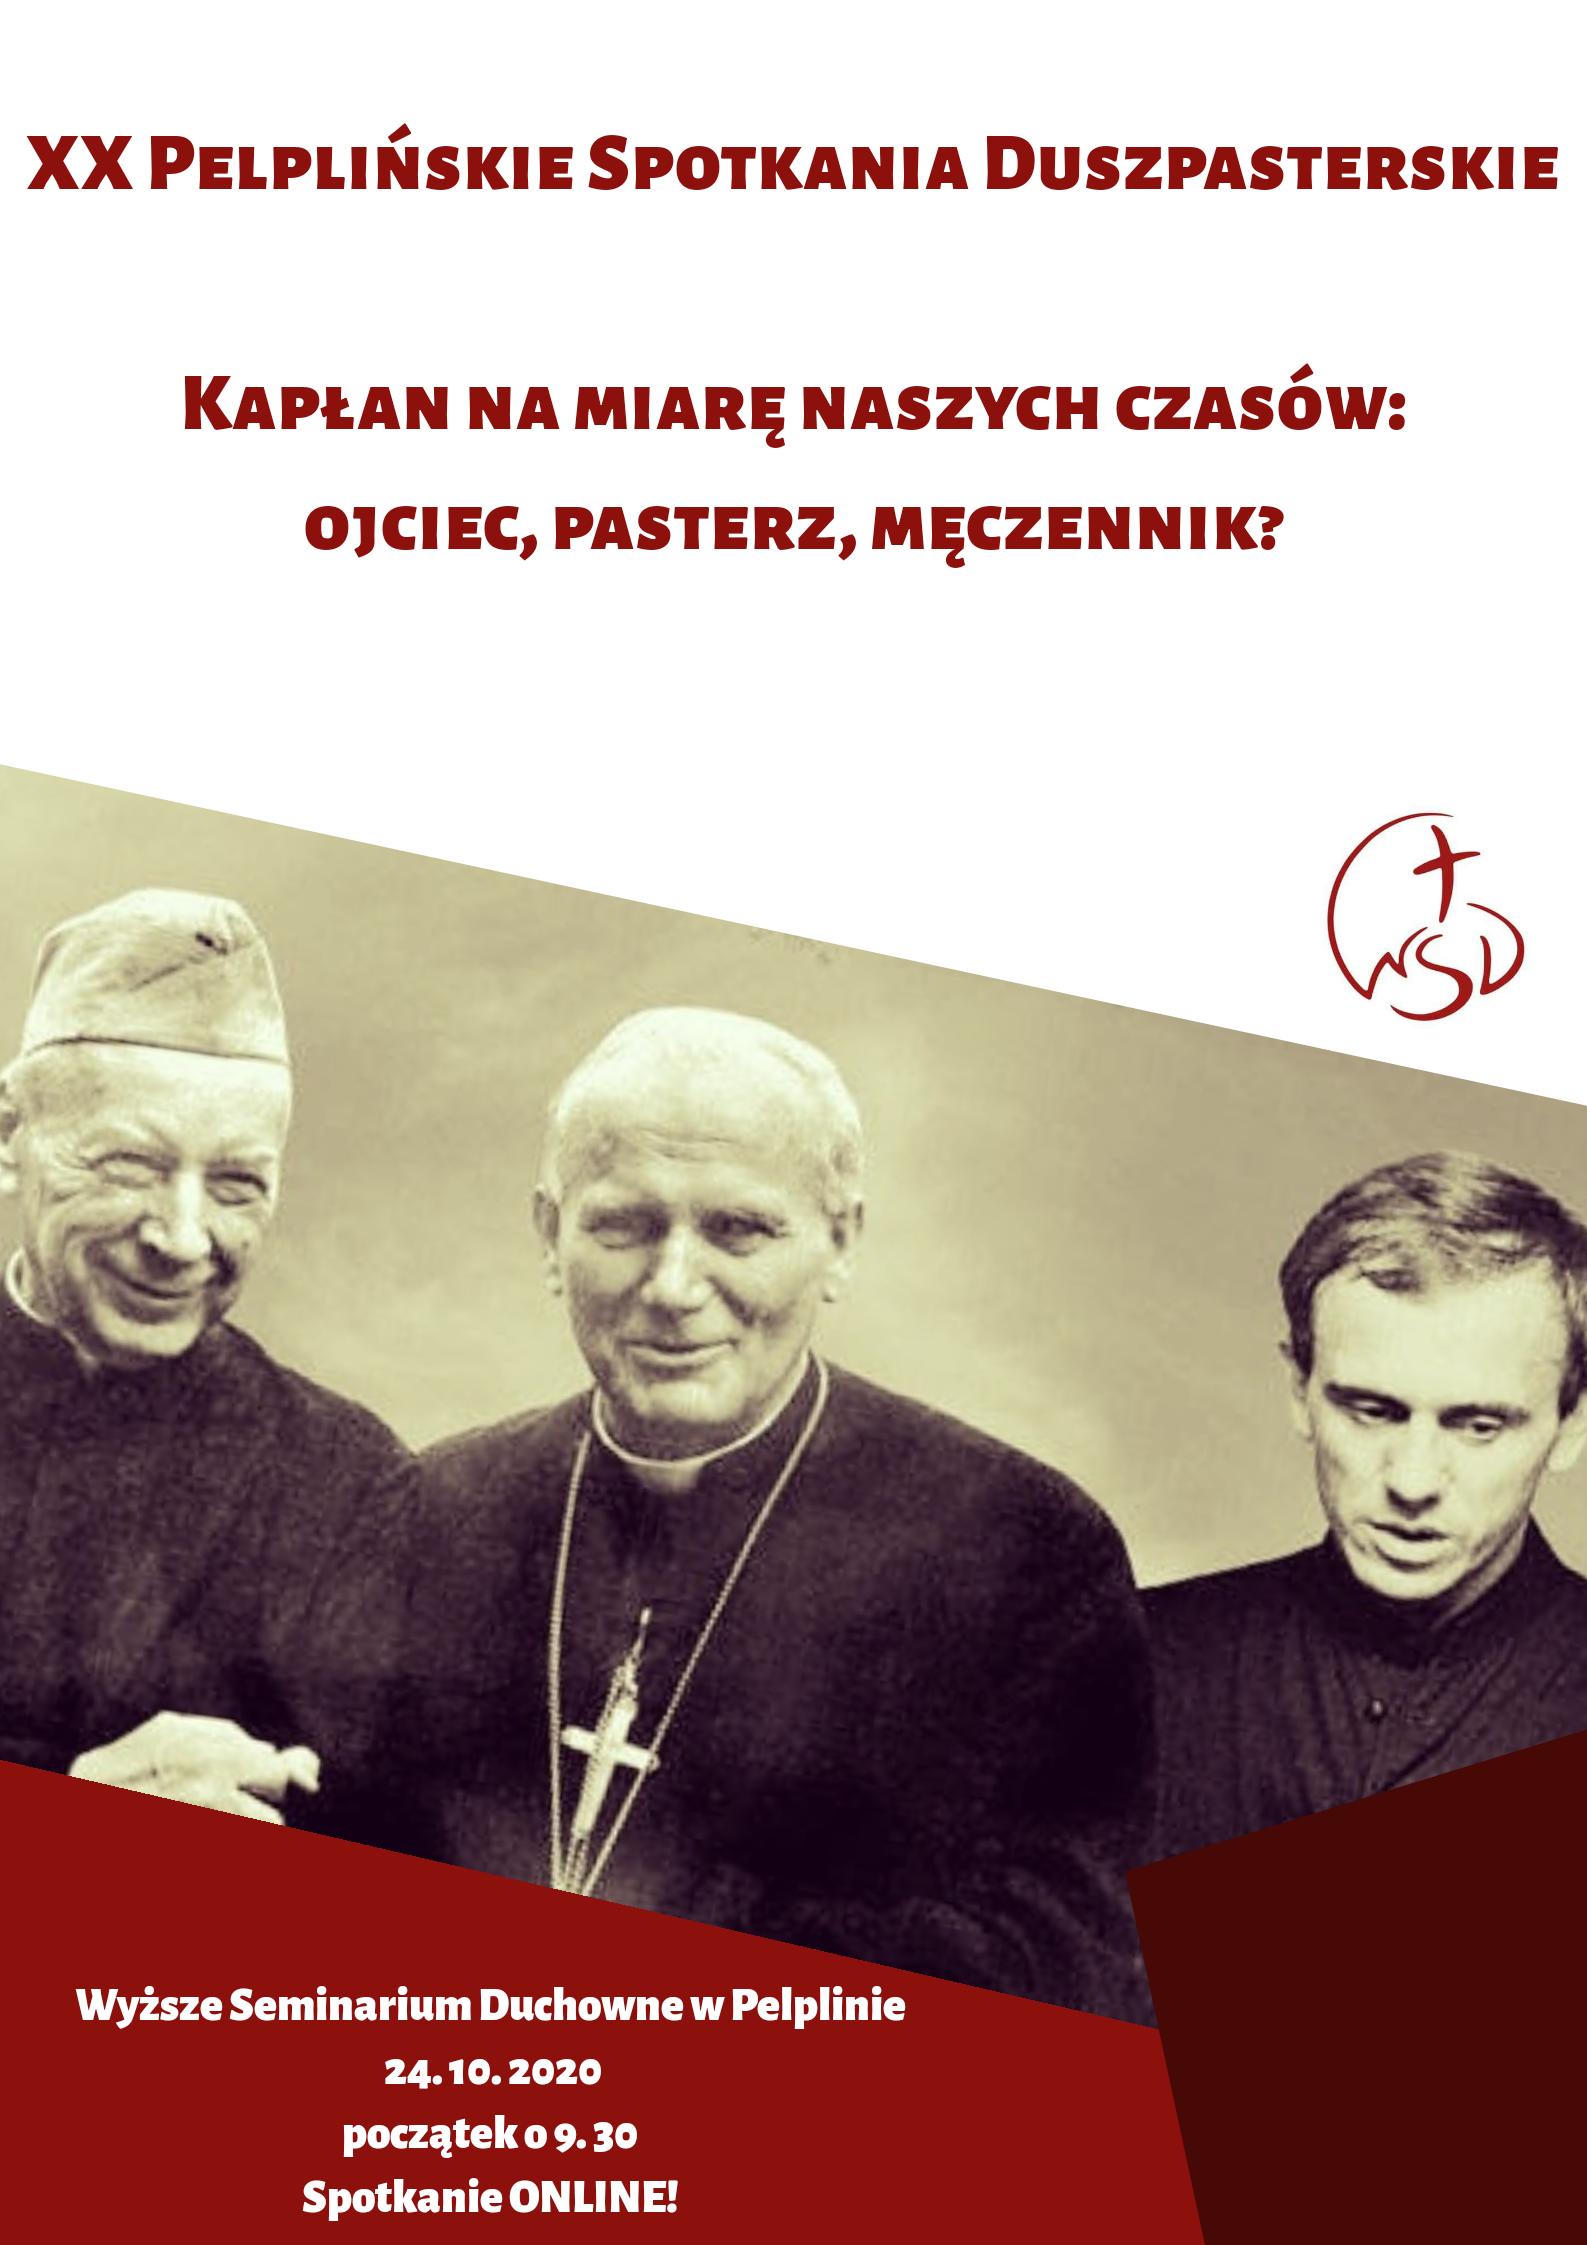 XX Pelplińskie Spotkania Duszpasterskie – ONLINE